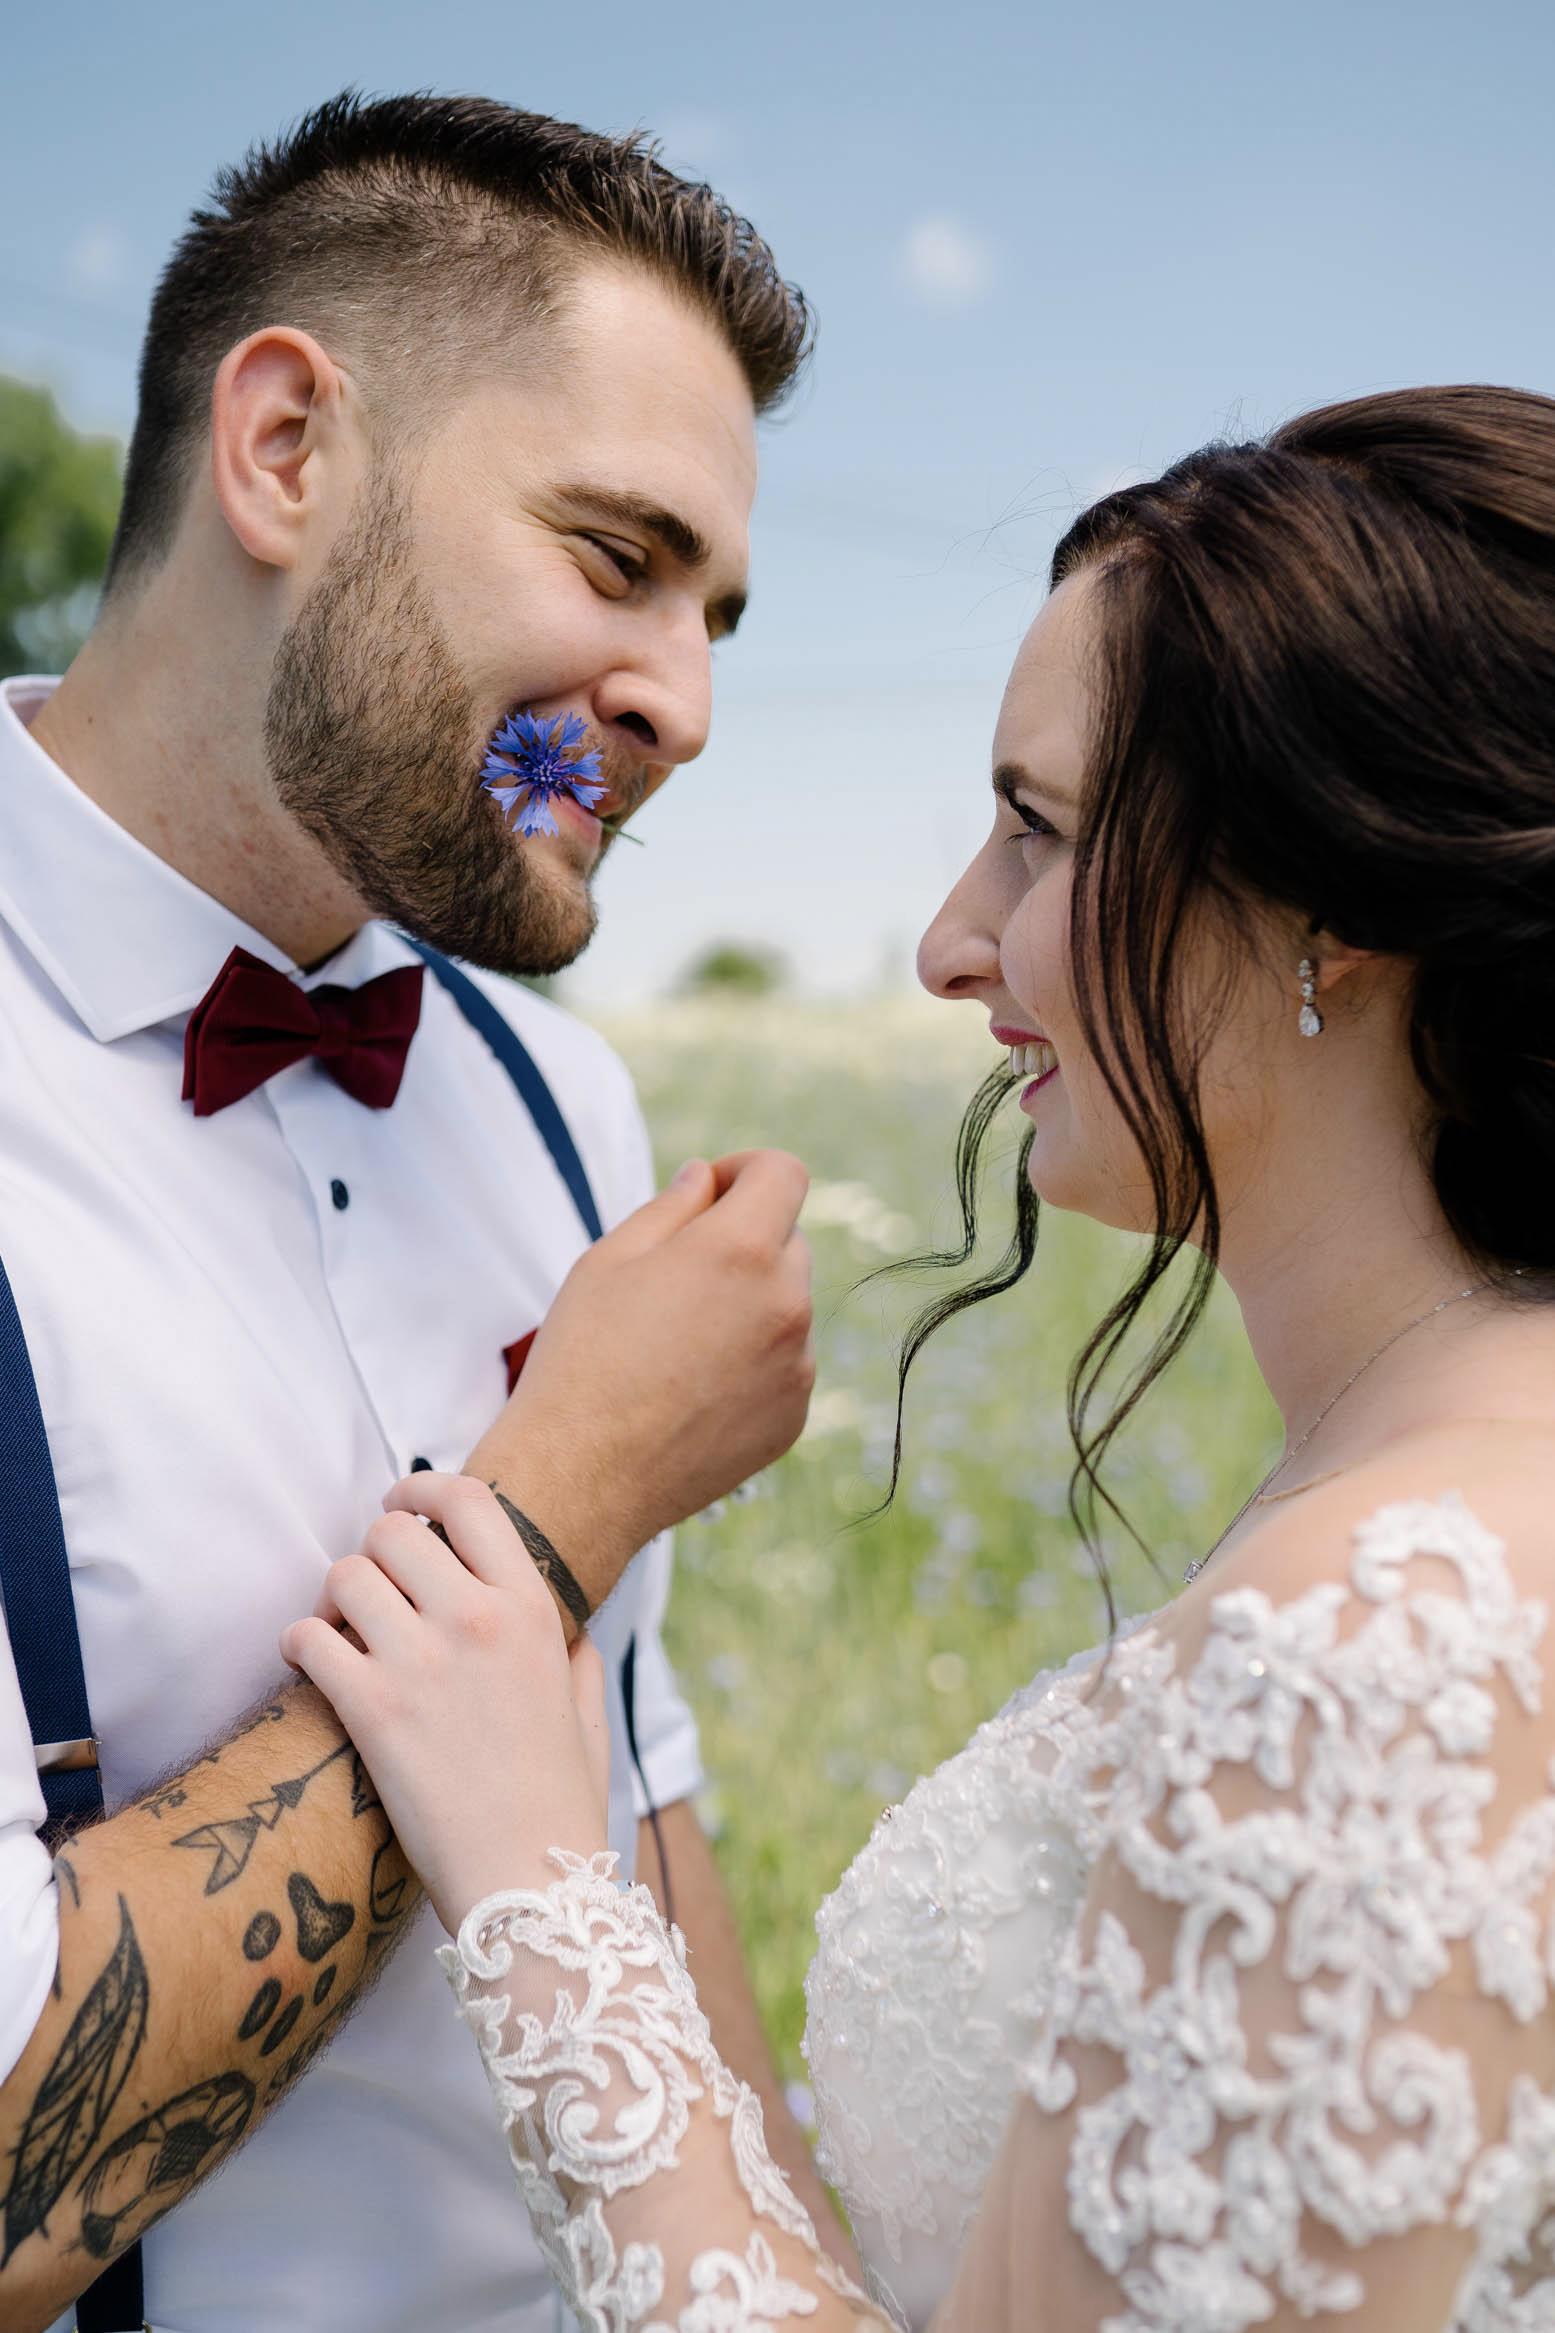 mt-photographe-videaste-bruxelles-mariage-leleu-17.jpg